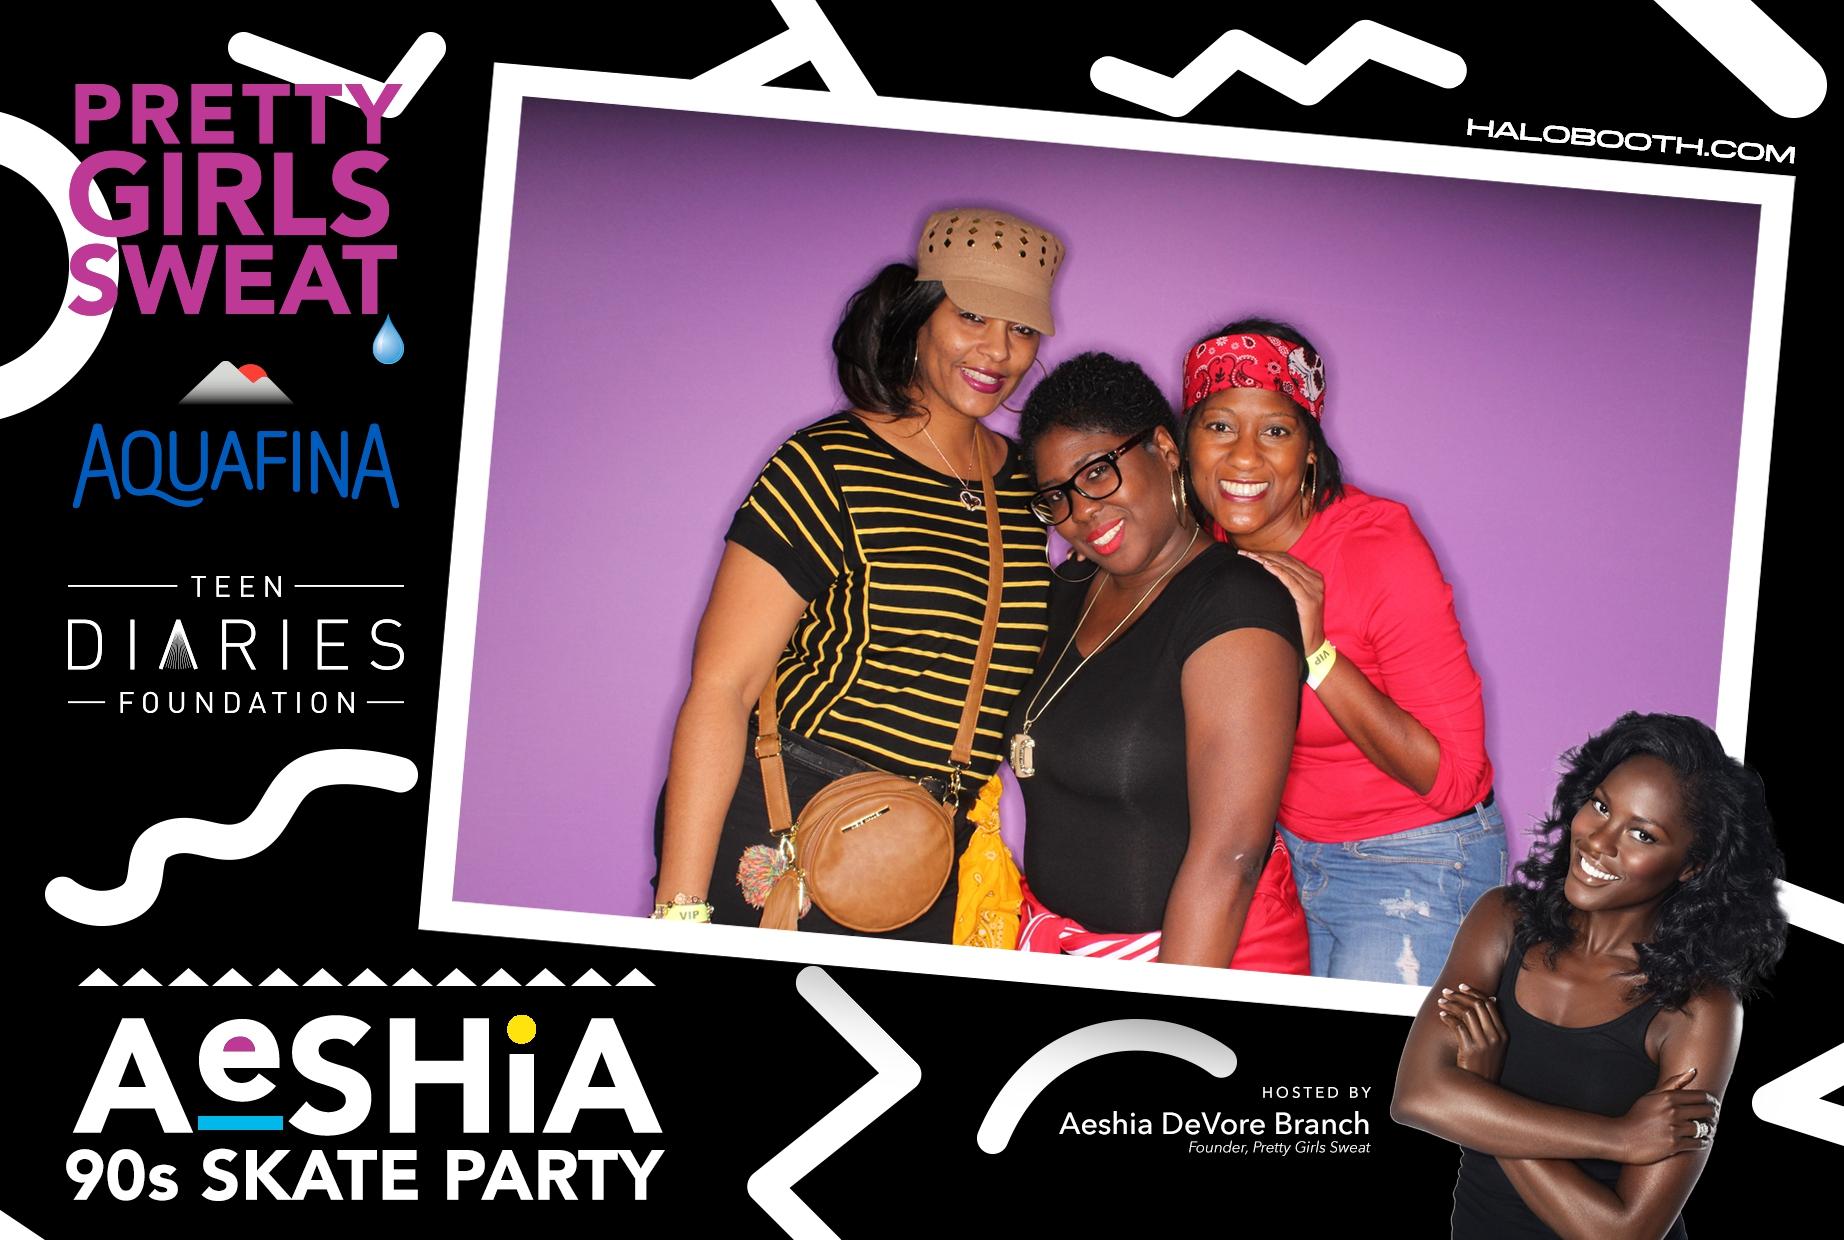 Aeshia's 90s Skate Party @ Sparkle - Presented by Aquafina